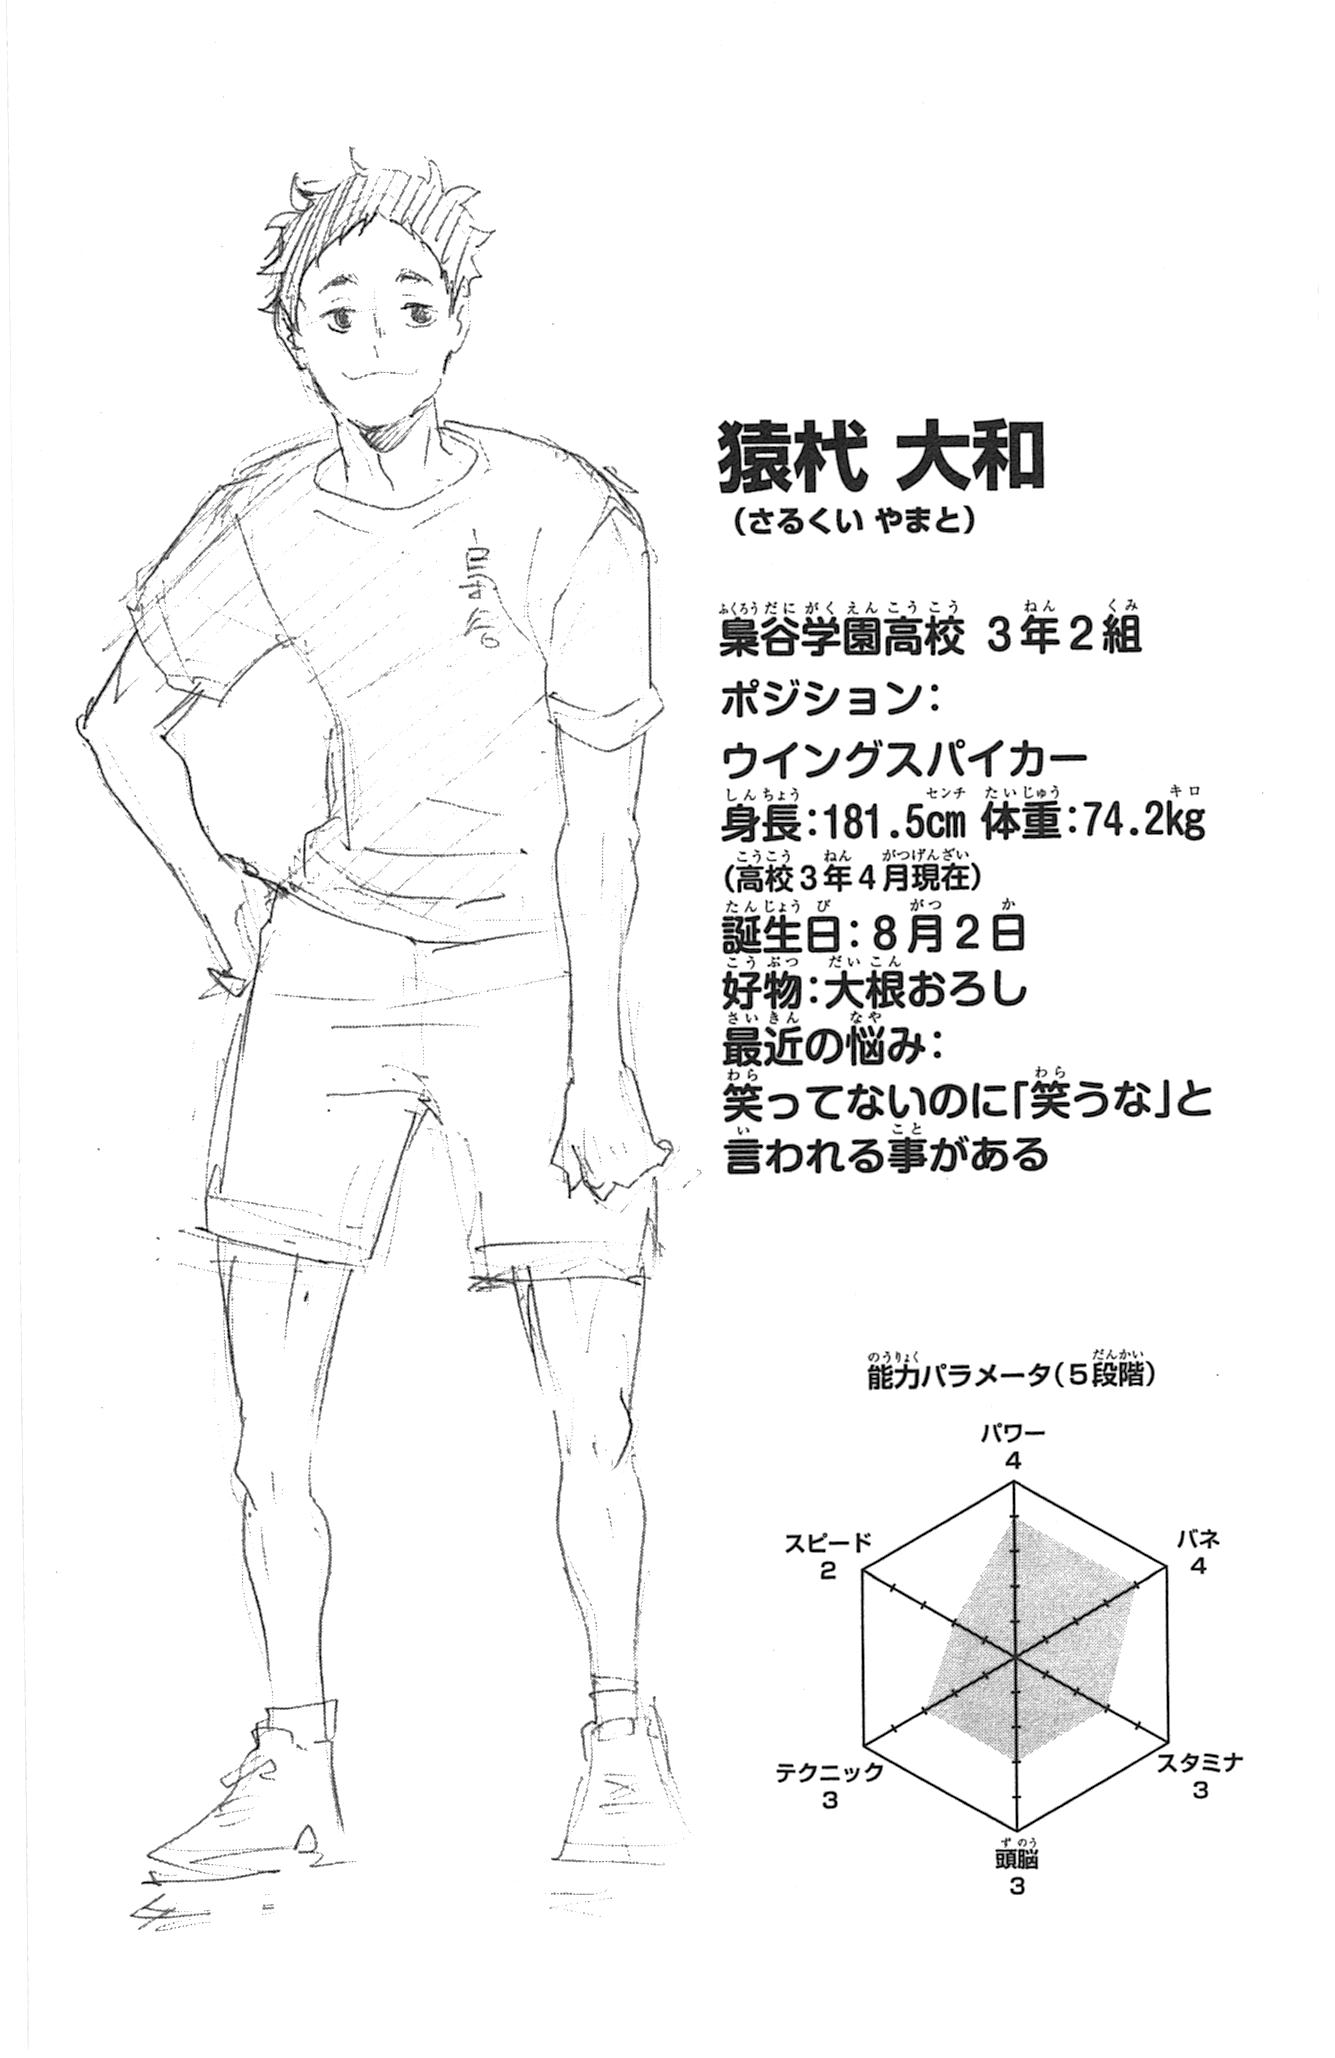 Yamato Sarukui CharaProfile.png